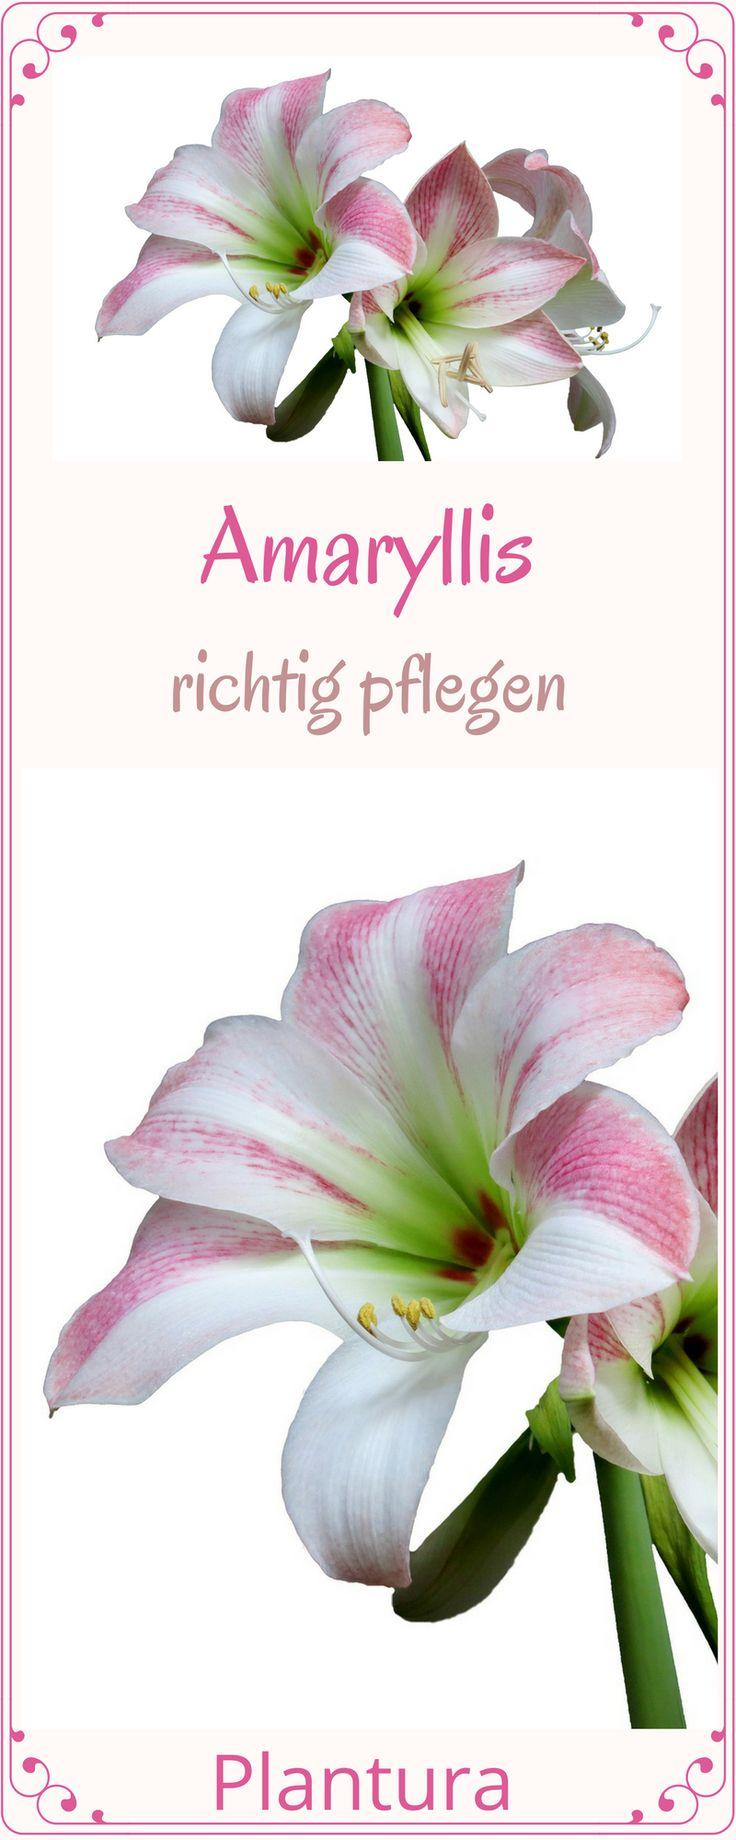 Amaryllis richtig pflegen - so geht's!